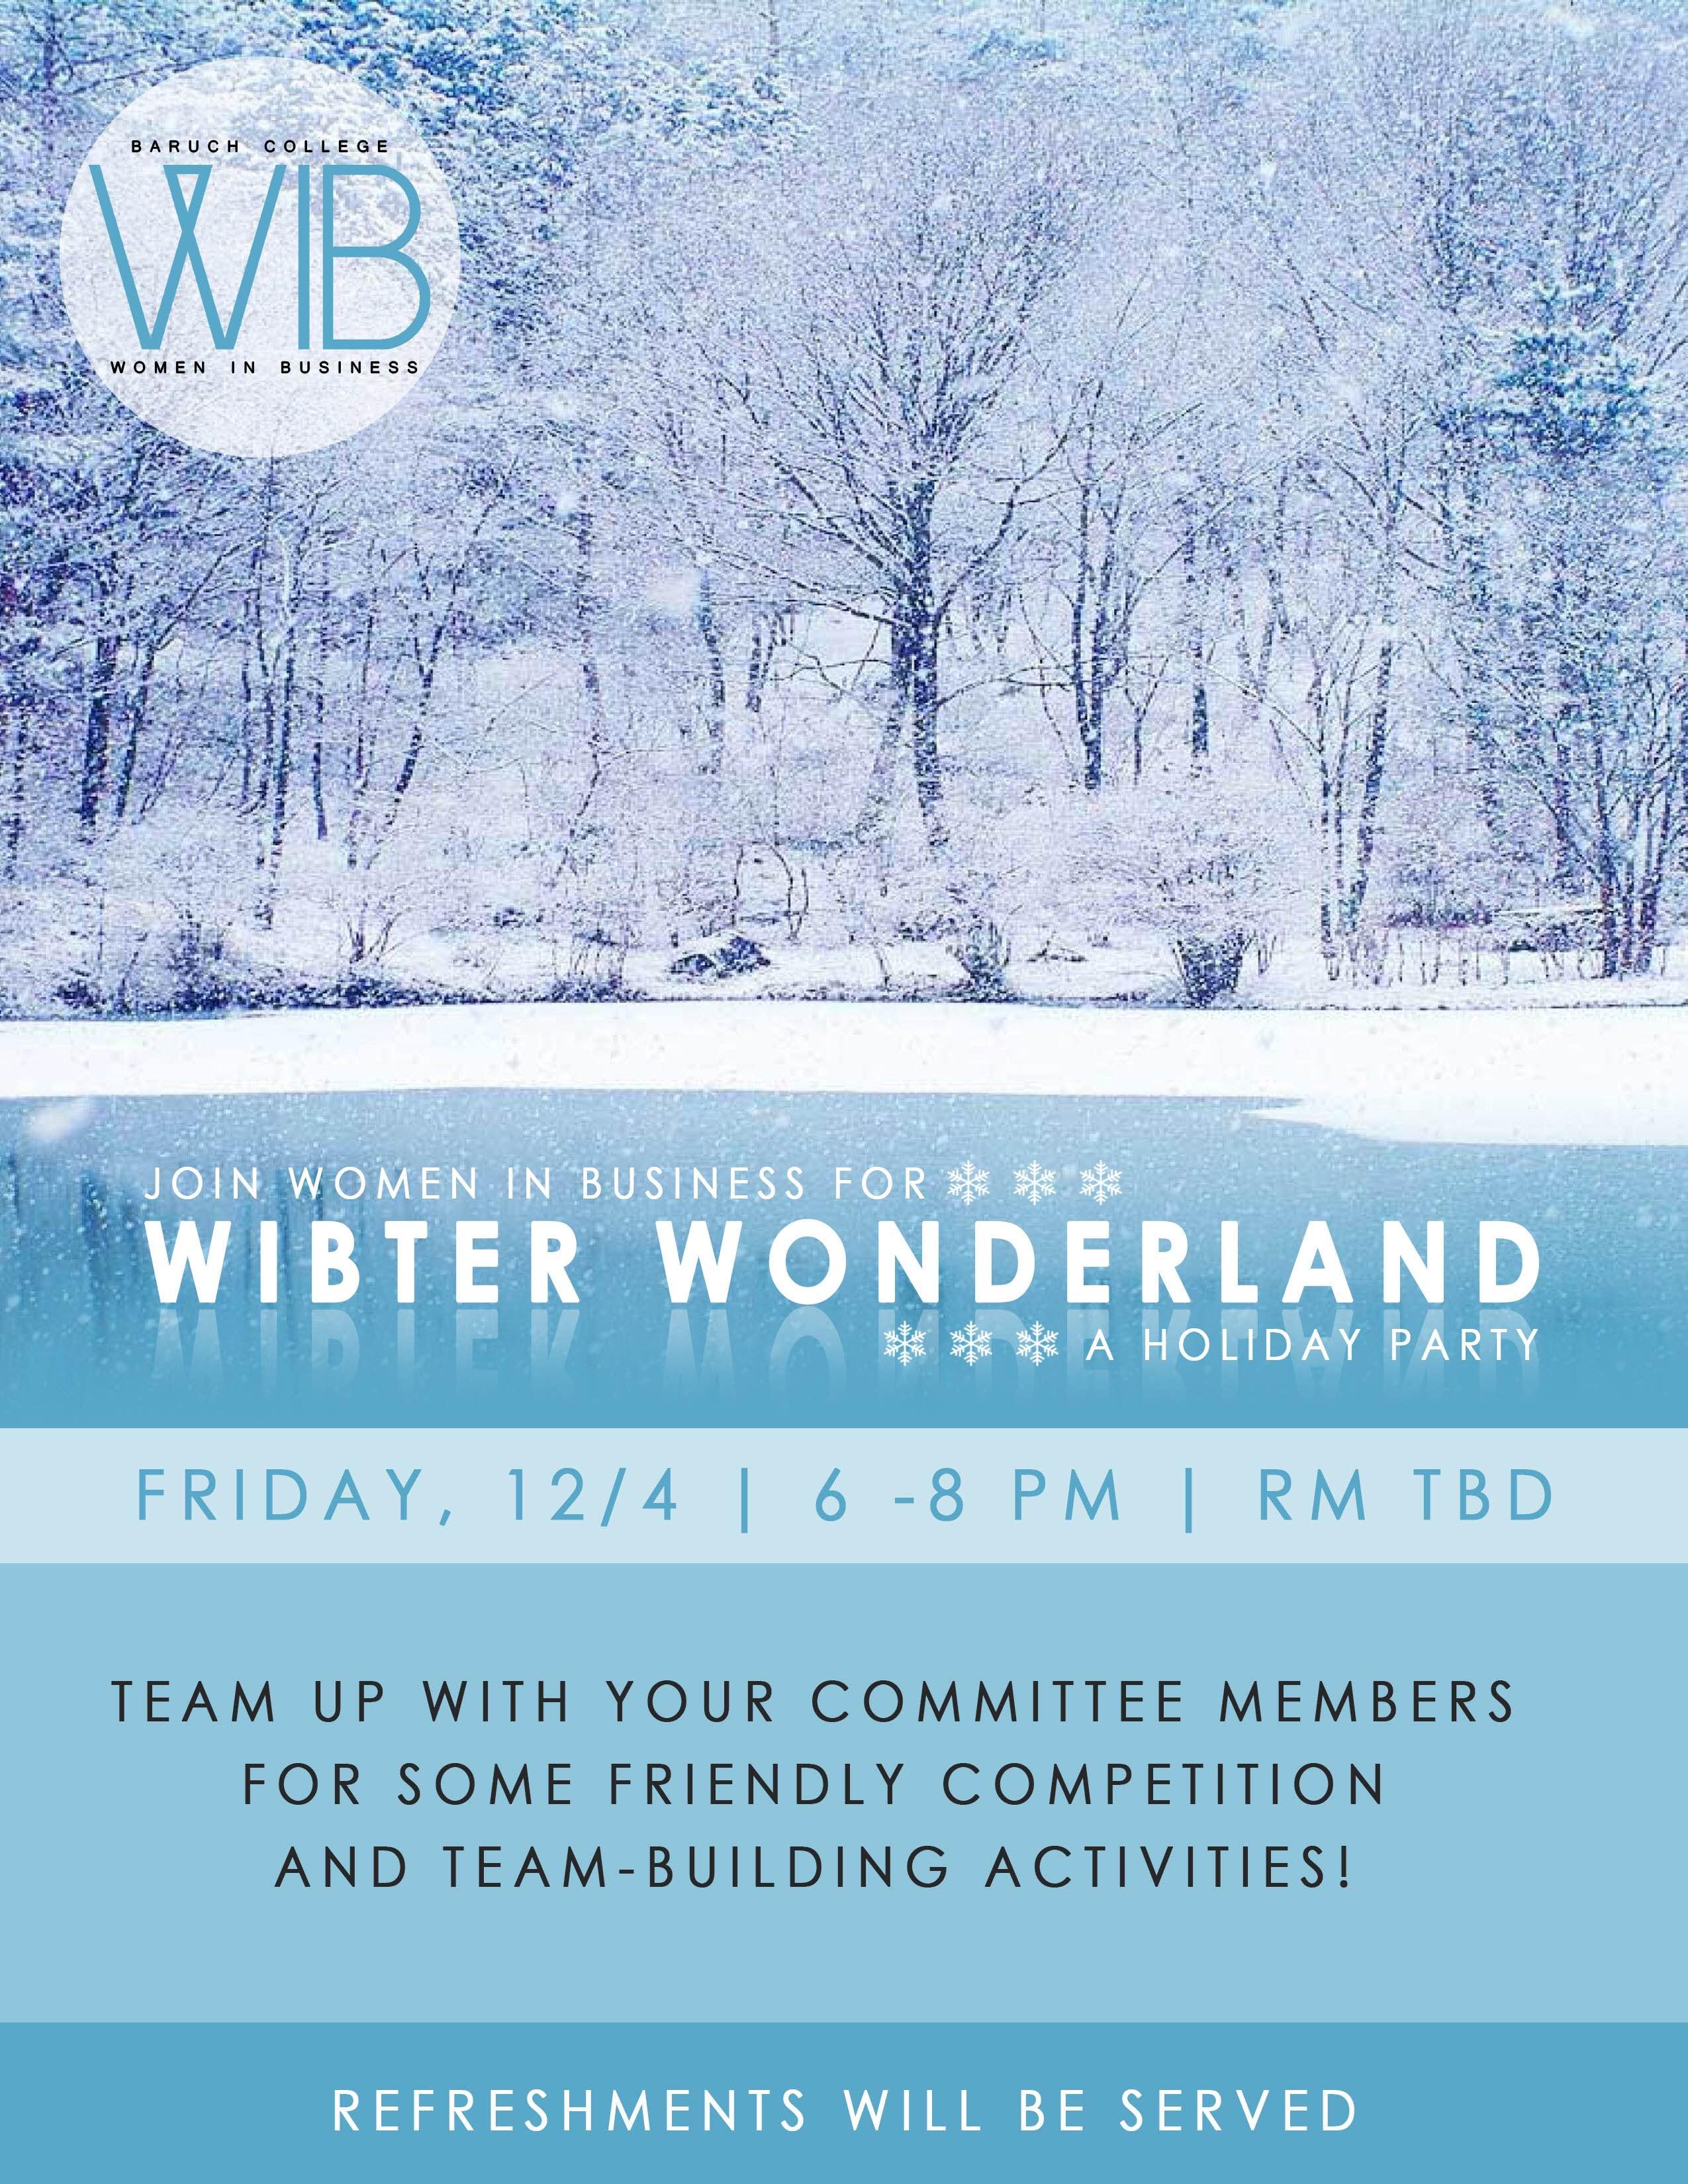 Wibter Wonderland